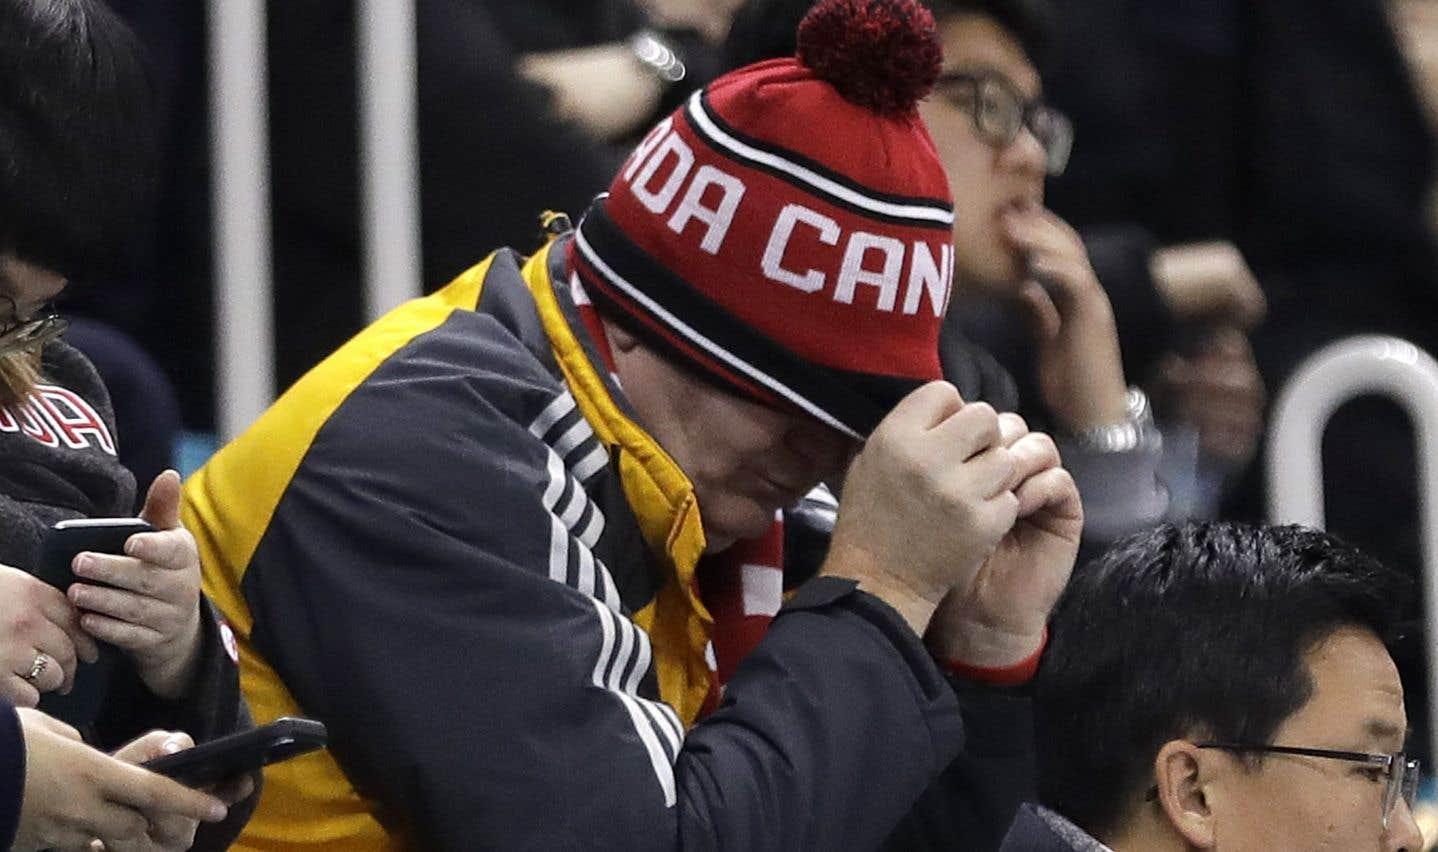 Un partisan canadien a semblé encaisser durement la défaite en quart de finale aux mains des Allemands.